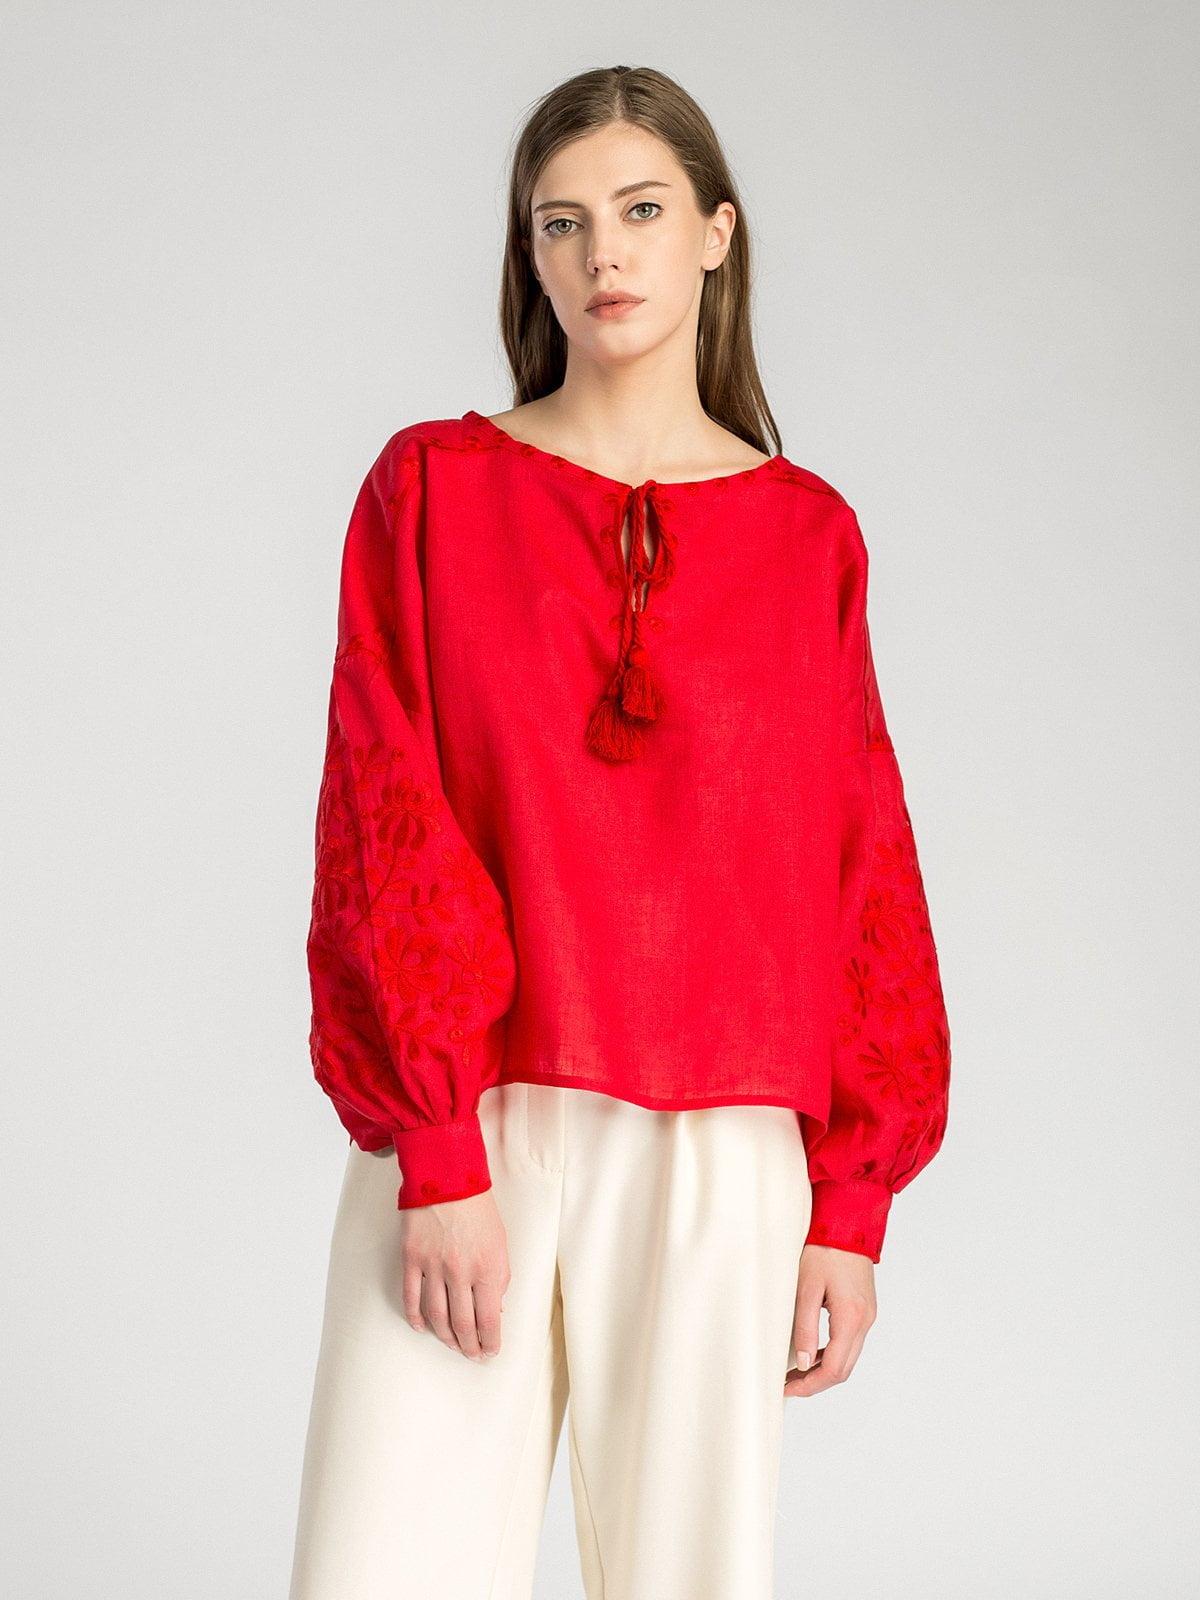 Красная женская вышиванка с пышными рукавами Red Bird. Червона жіноча  вишиванка ... 64b630c8e2df5